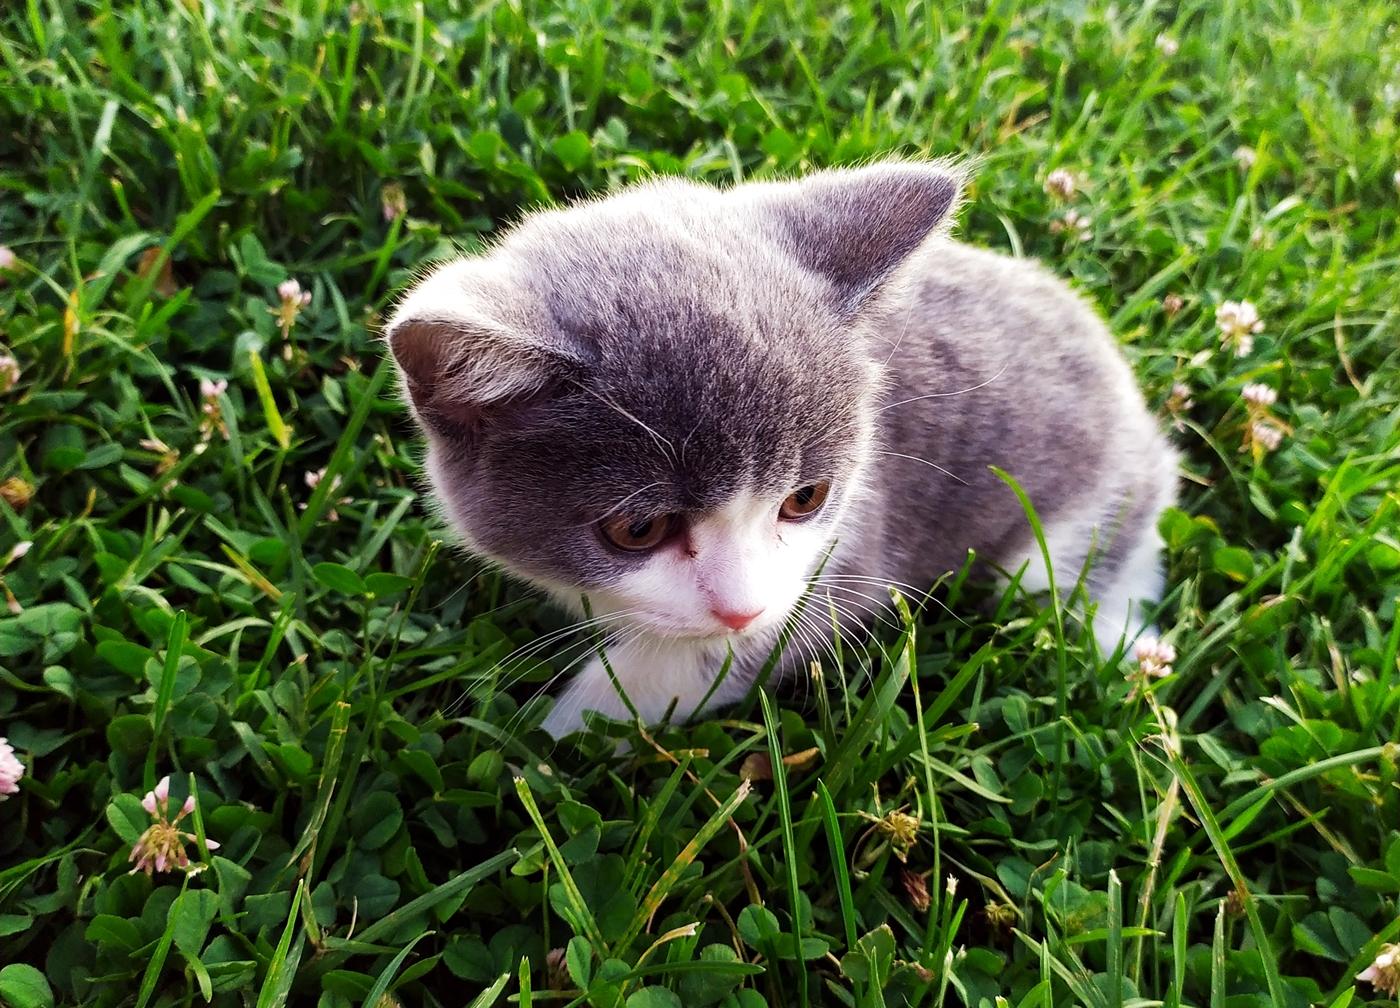 Cute Kittens, Grass